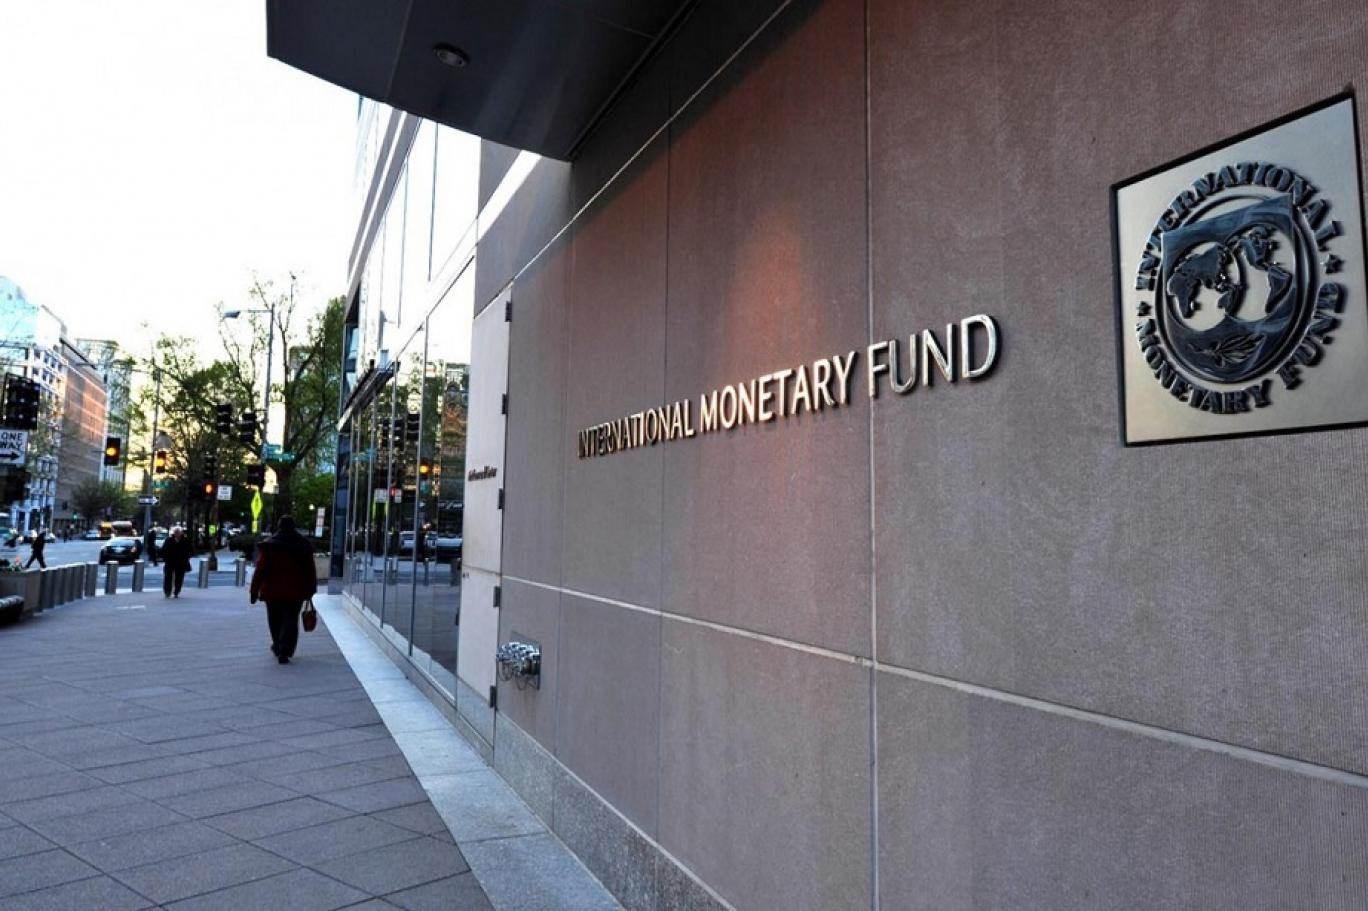 صندوق النقد يحذر من المخاطر التي يمثلها تردي العلاقات بين الدول